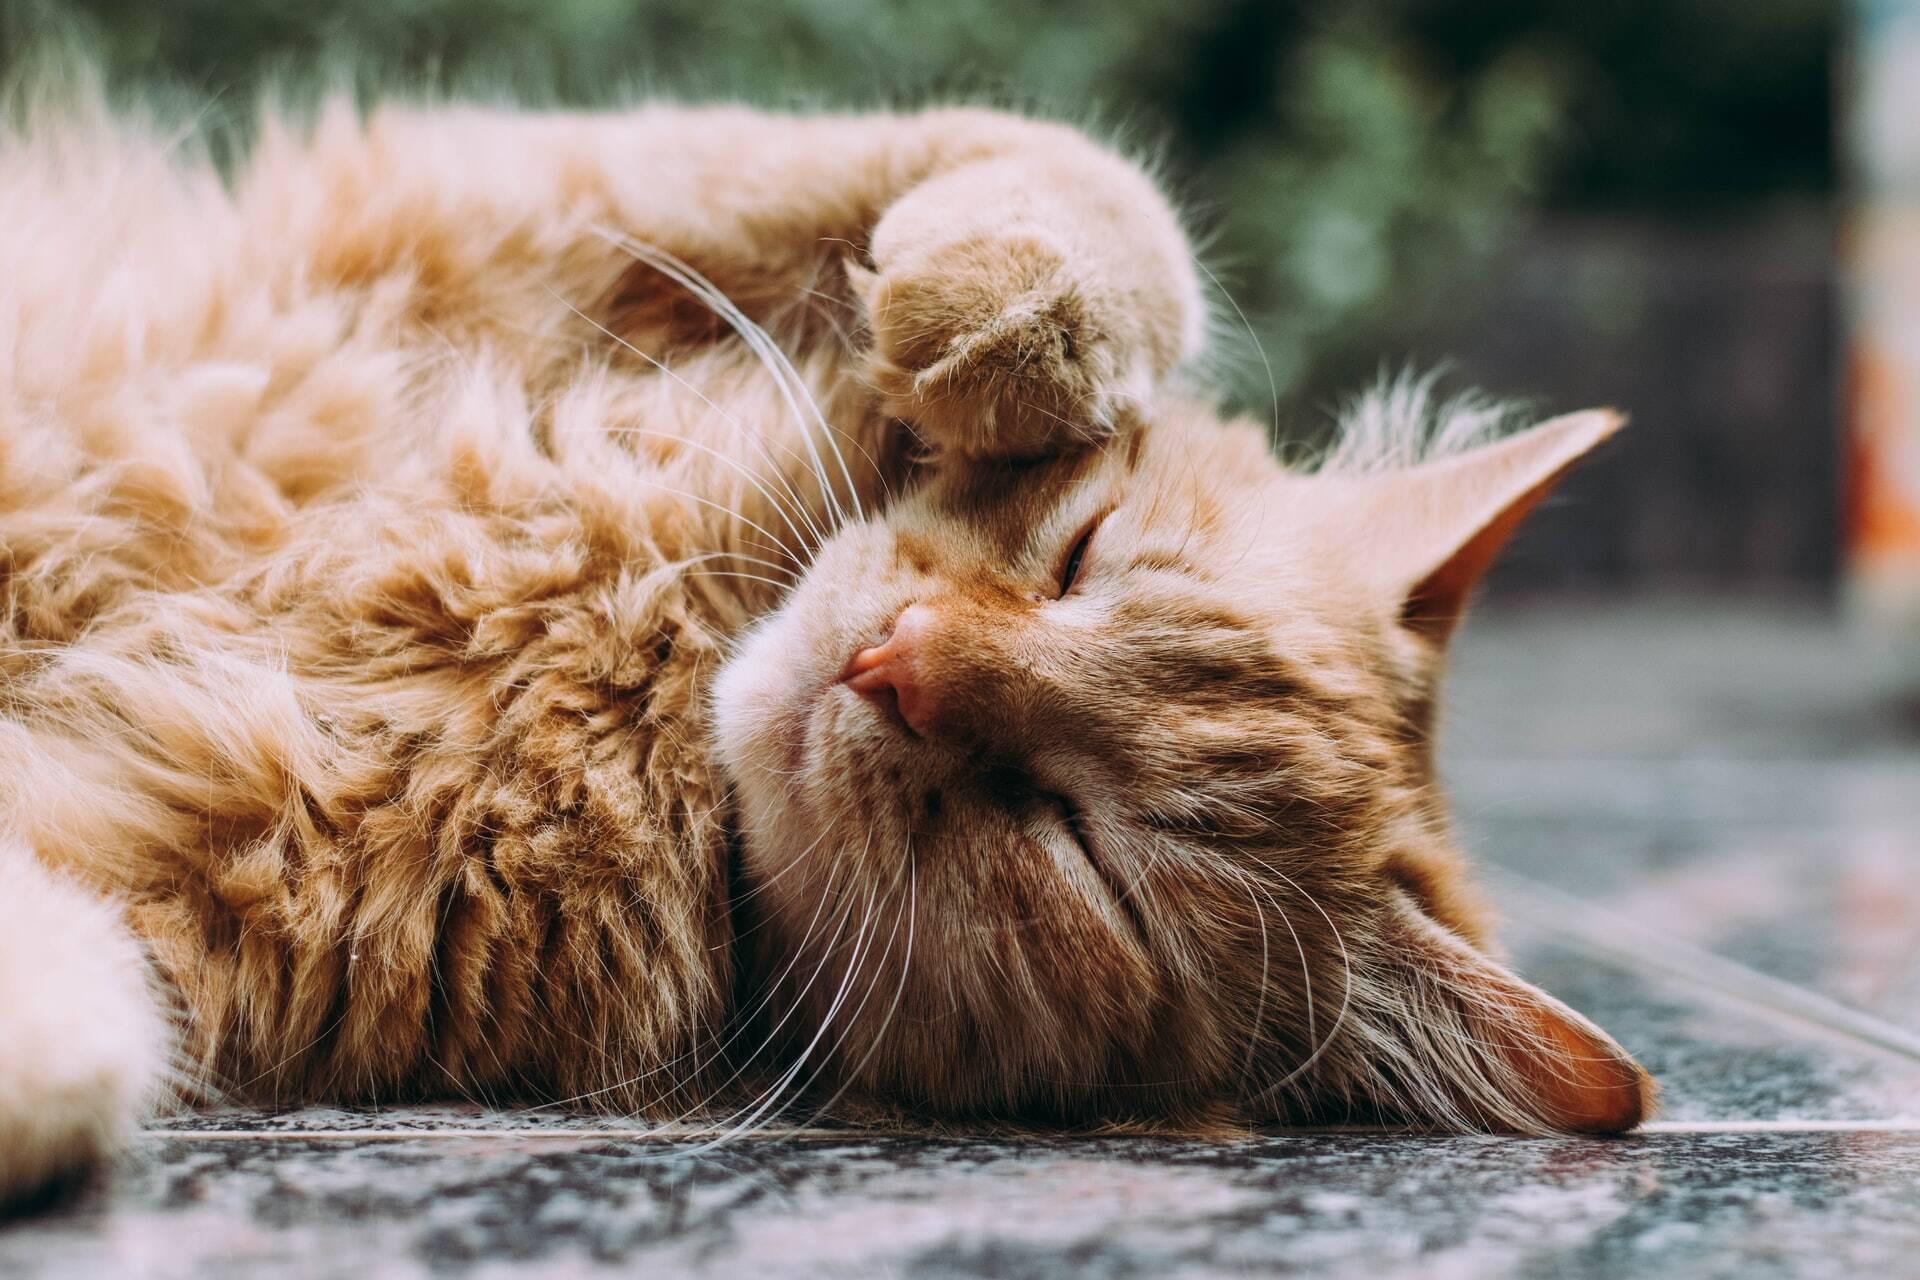 Gatos são muito bons em esconder problemas cardíacos; saiba como cuidar do seu